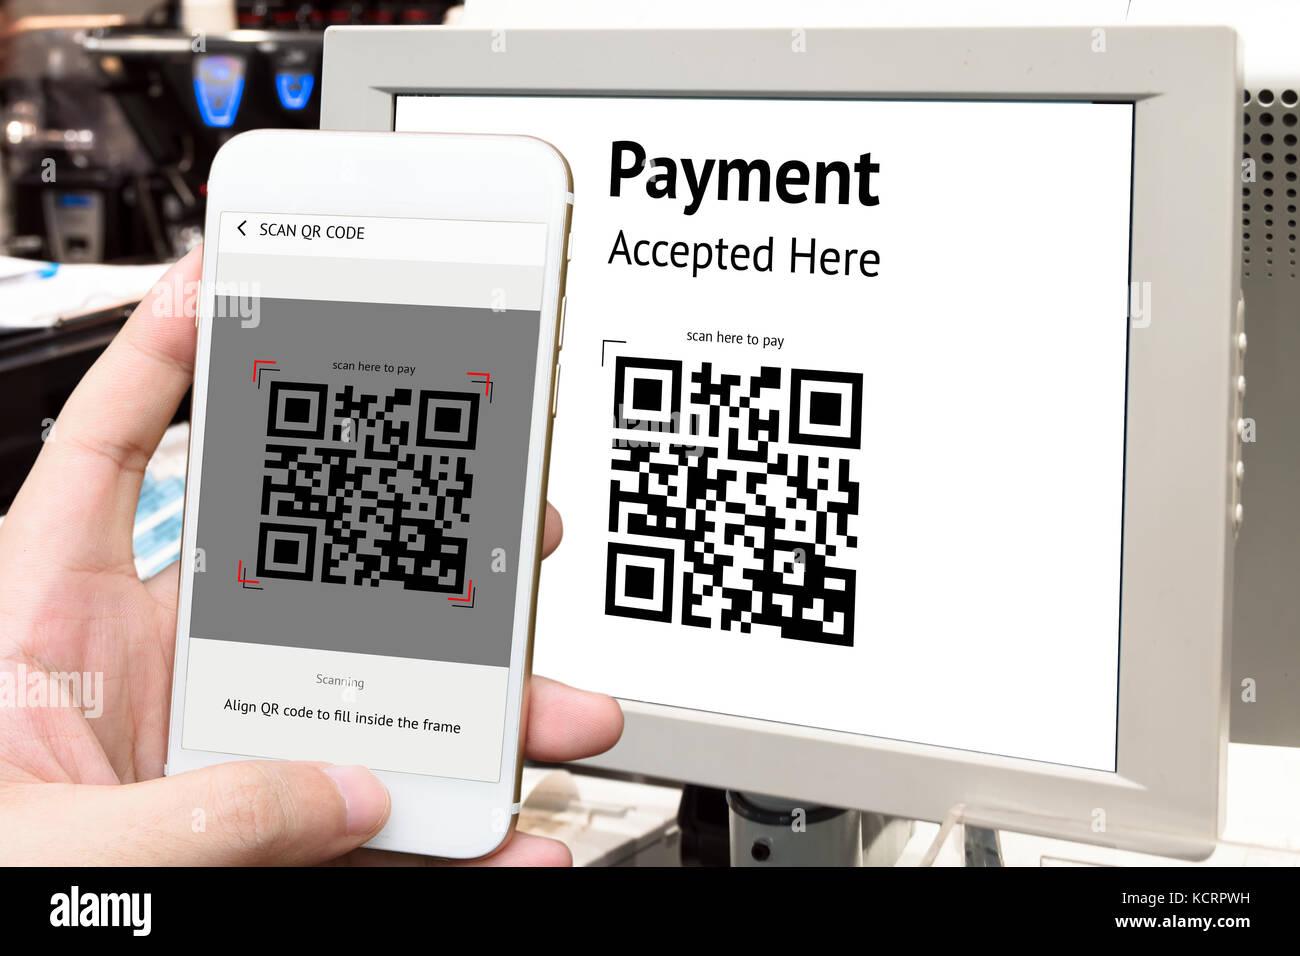 Ongebruikt Qr Code Scanner Stockfotos & Qr Code Scanner Bilder - Seite 2 - Alamy UD-52